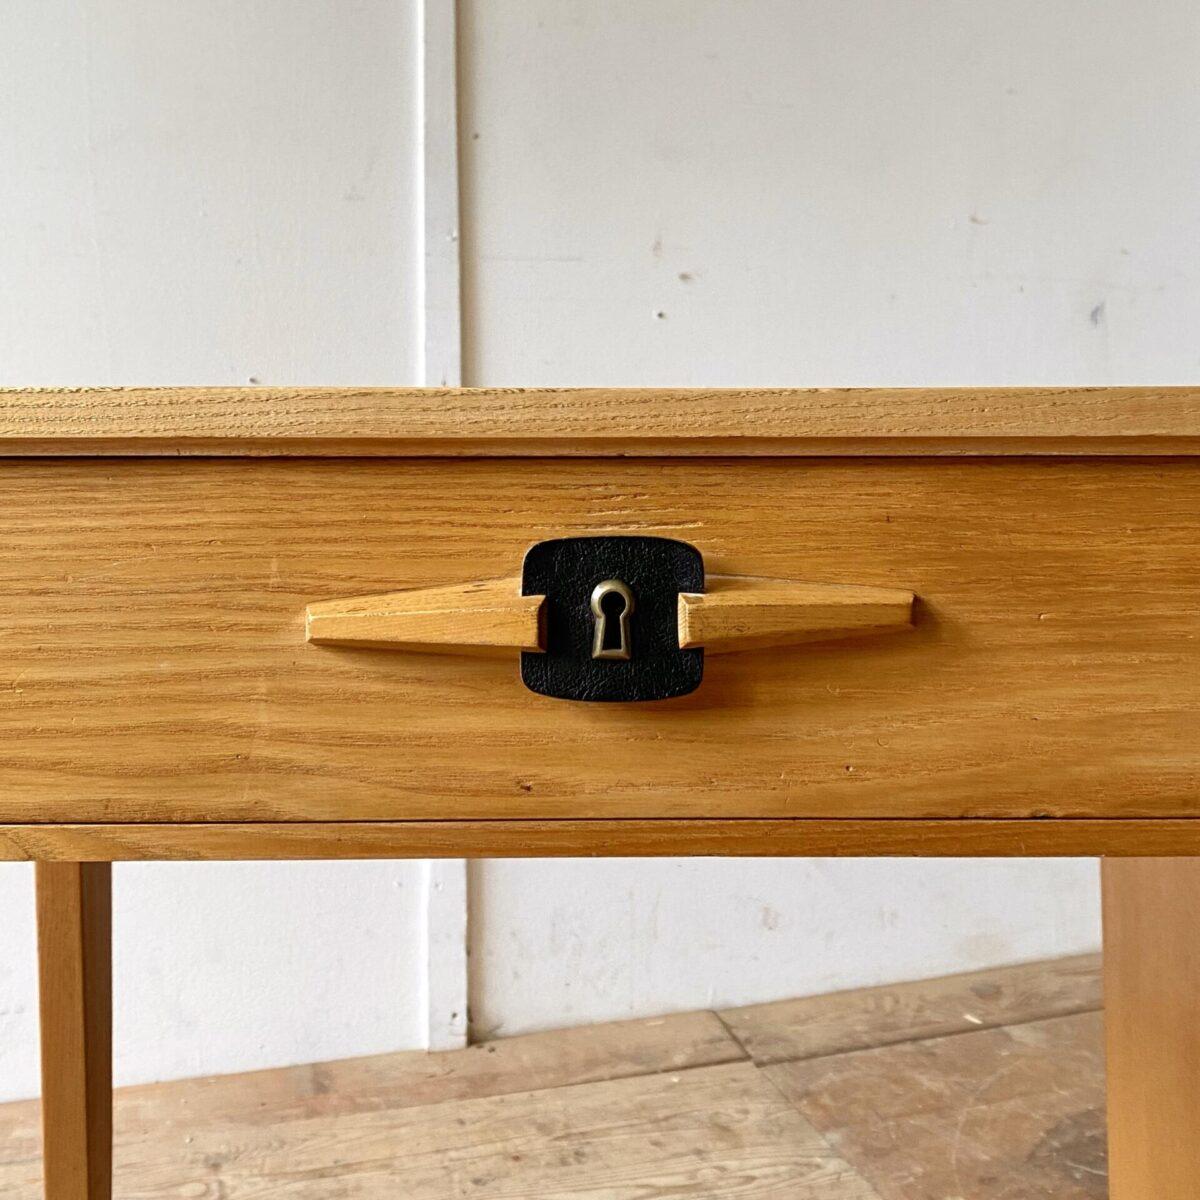 Deuxieme.shop midcentury Schreibtisch Swiss design. Heller Schreibtisch aus Eschenholz von Corta Multiform aus den 50er Jahren. 115x60cm Höhe 74cm. Der Tisch ist in gutem allgemein Zustand, die schwarzen Schubladengriffe sind aus Kunstleder. Der Schlüssel ist leider nicht mehr vorhanden. Der Stuhl ist ebenfalls verfügbar.